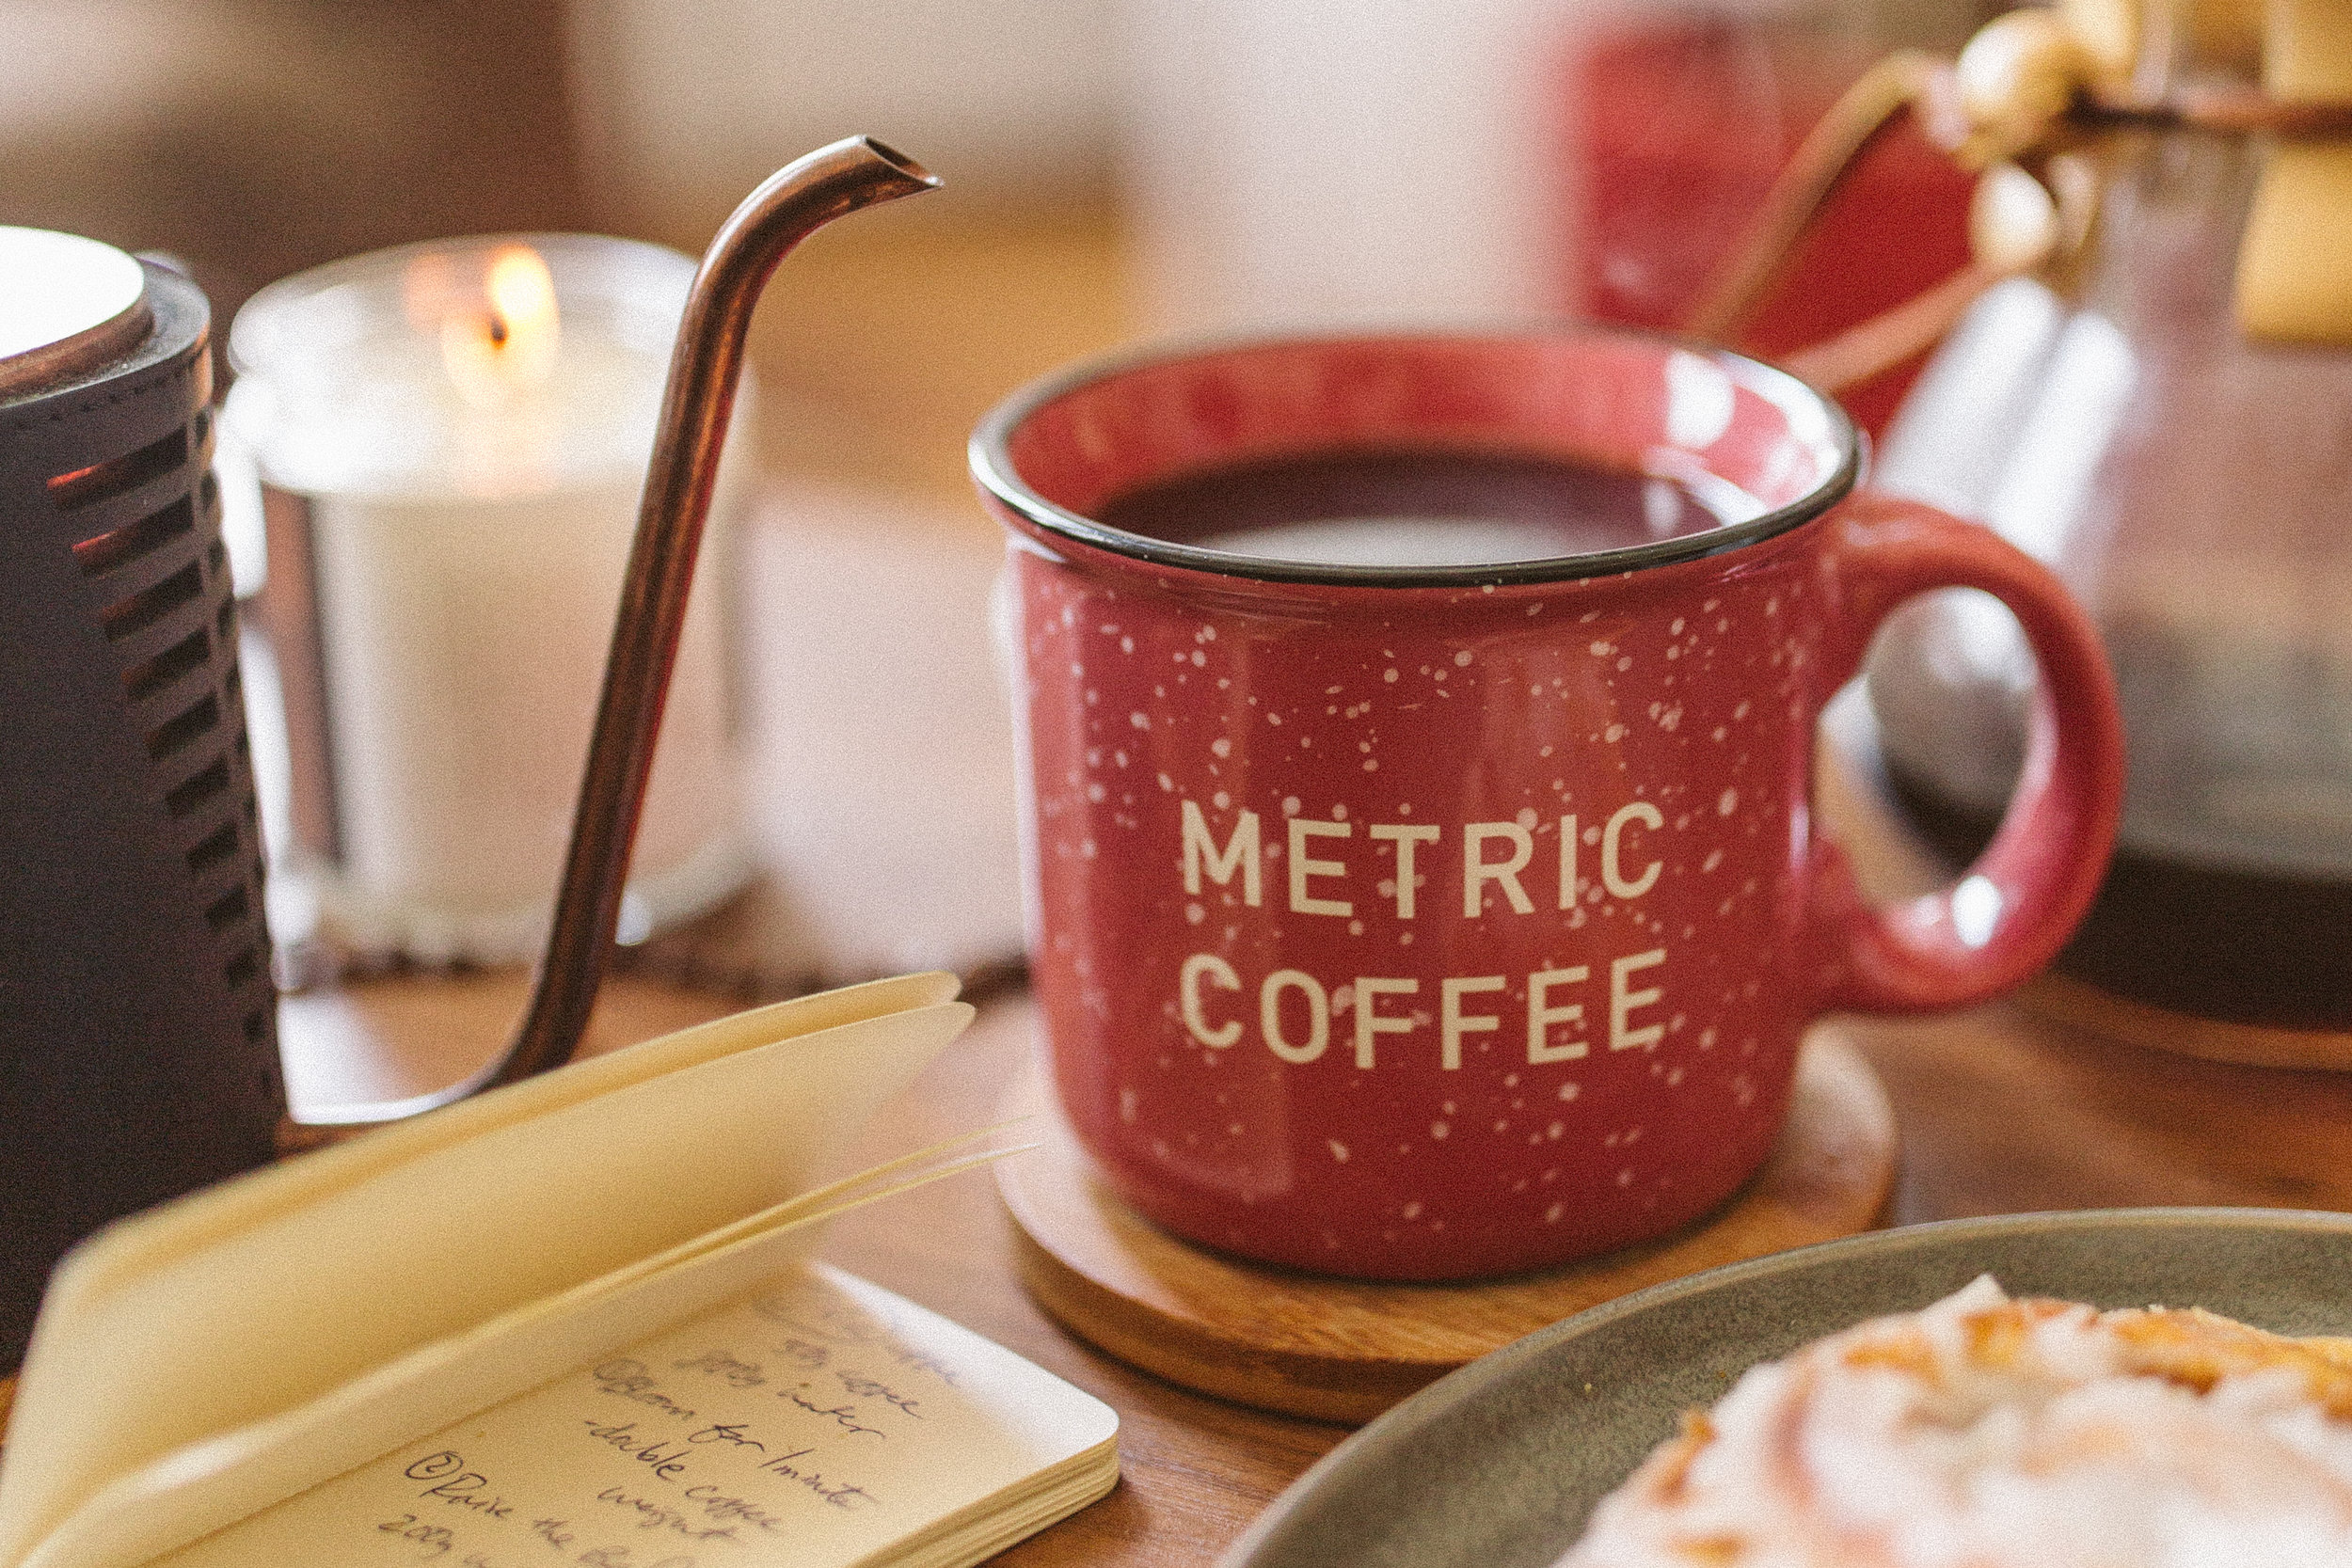 metric-6.jpg